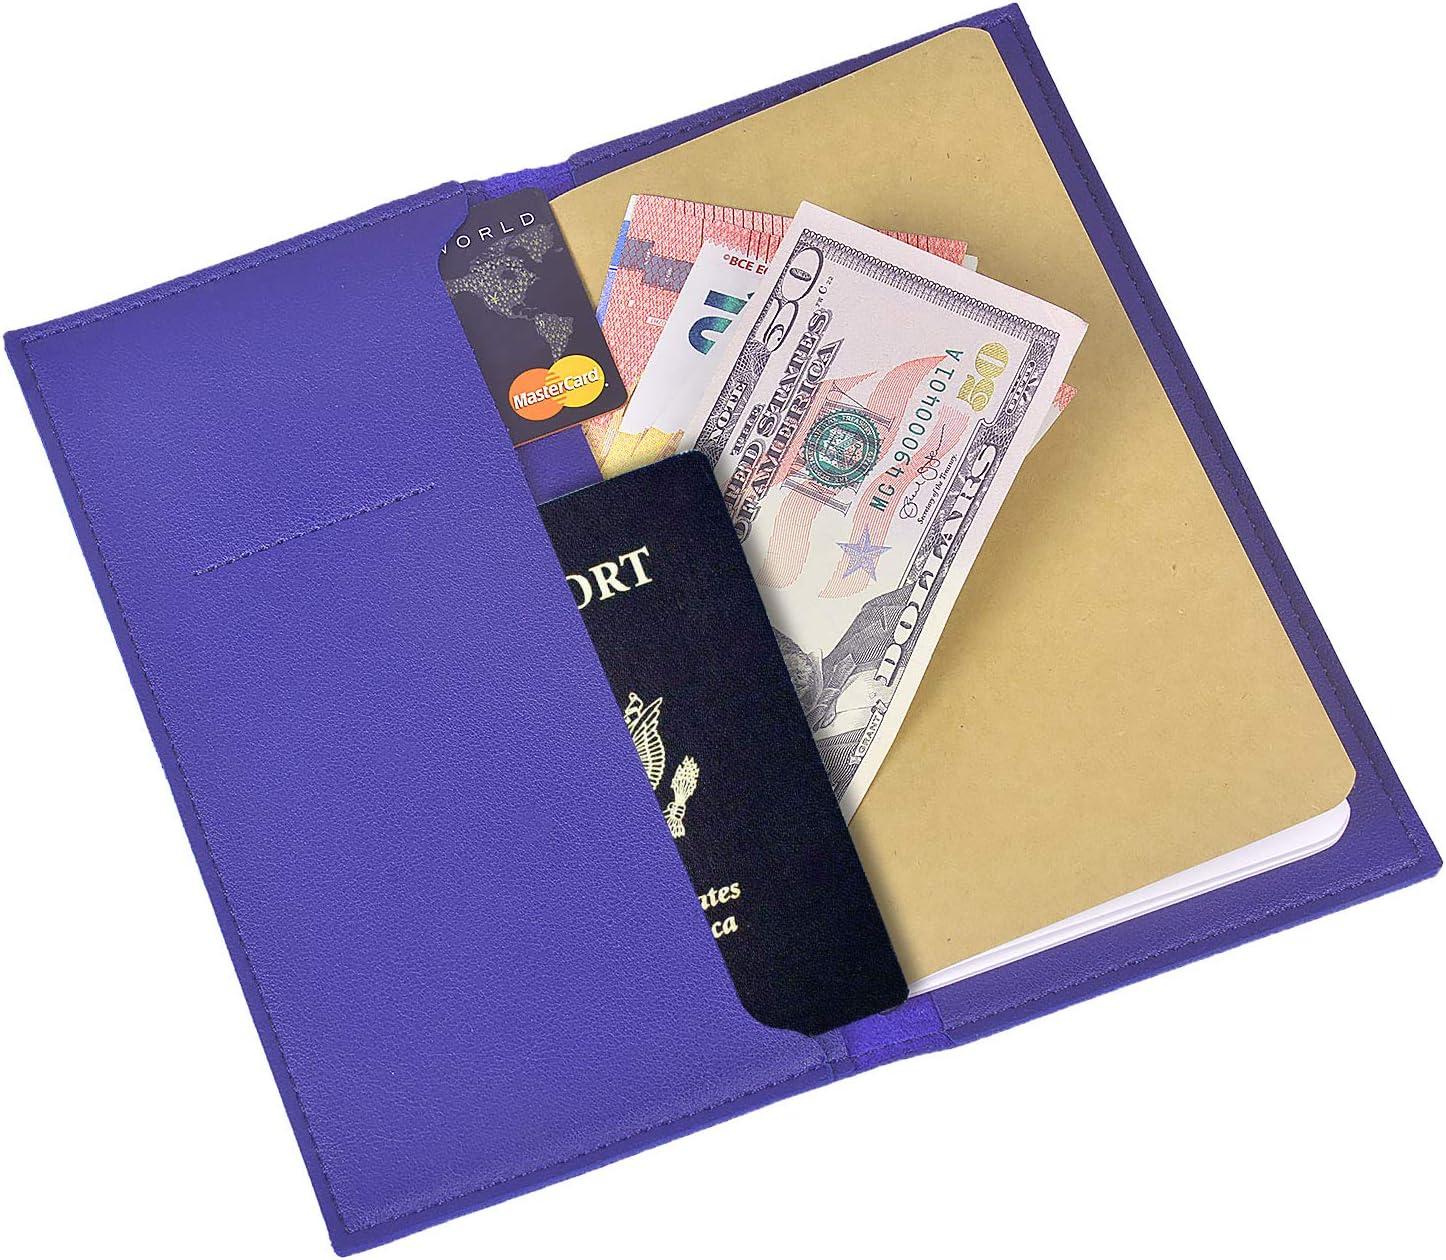 Larcenciel Blocco note da viaggio Riempibile Scrivere un quaderno w//Custodia per passaporto 3 inserti//Titolare della carta premio Copertina in pelle Diario personale Bullet Journal,Nota sul campo